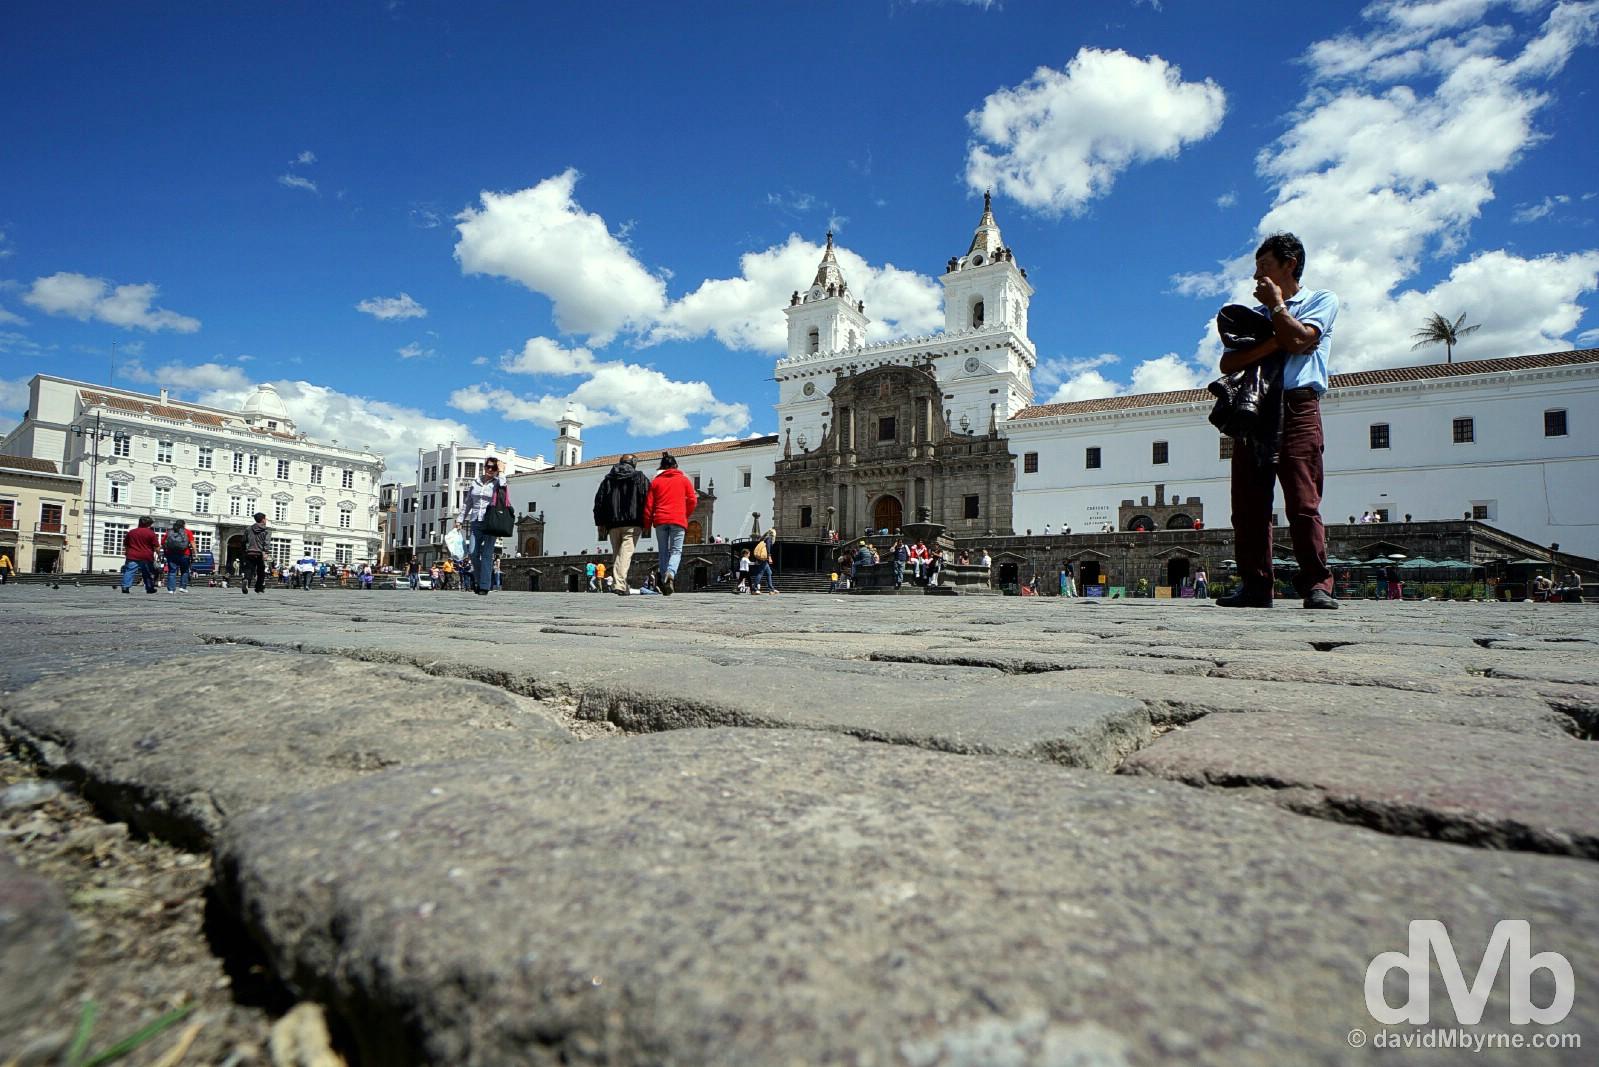 Plaza San Francisco, Quito, Ecuador. July 4, 2015.